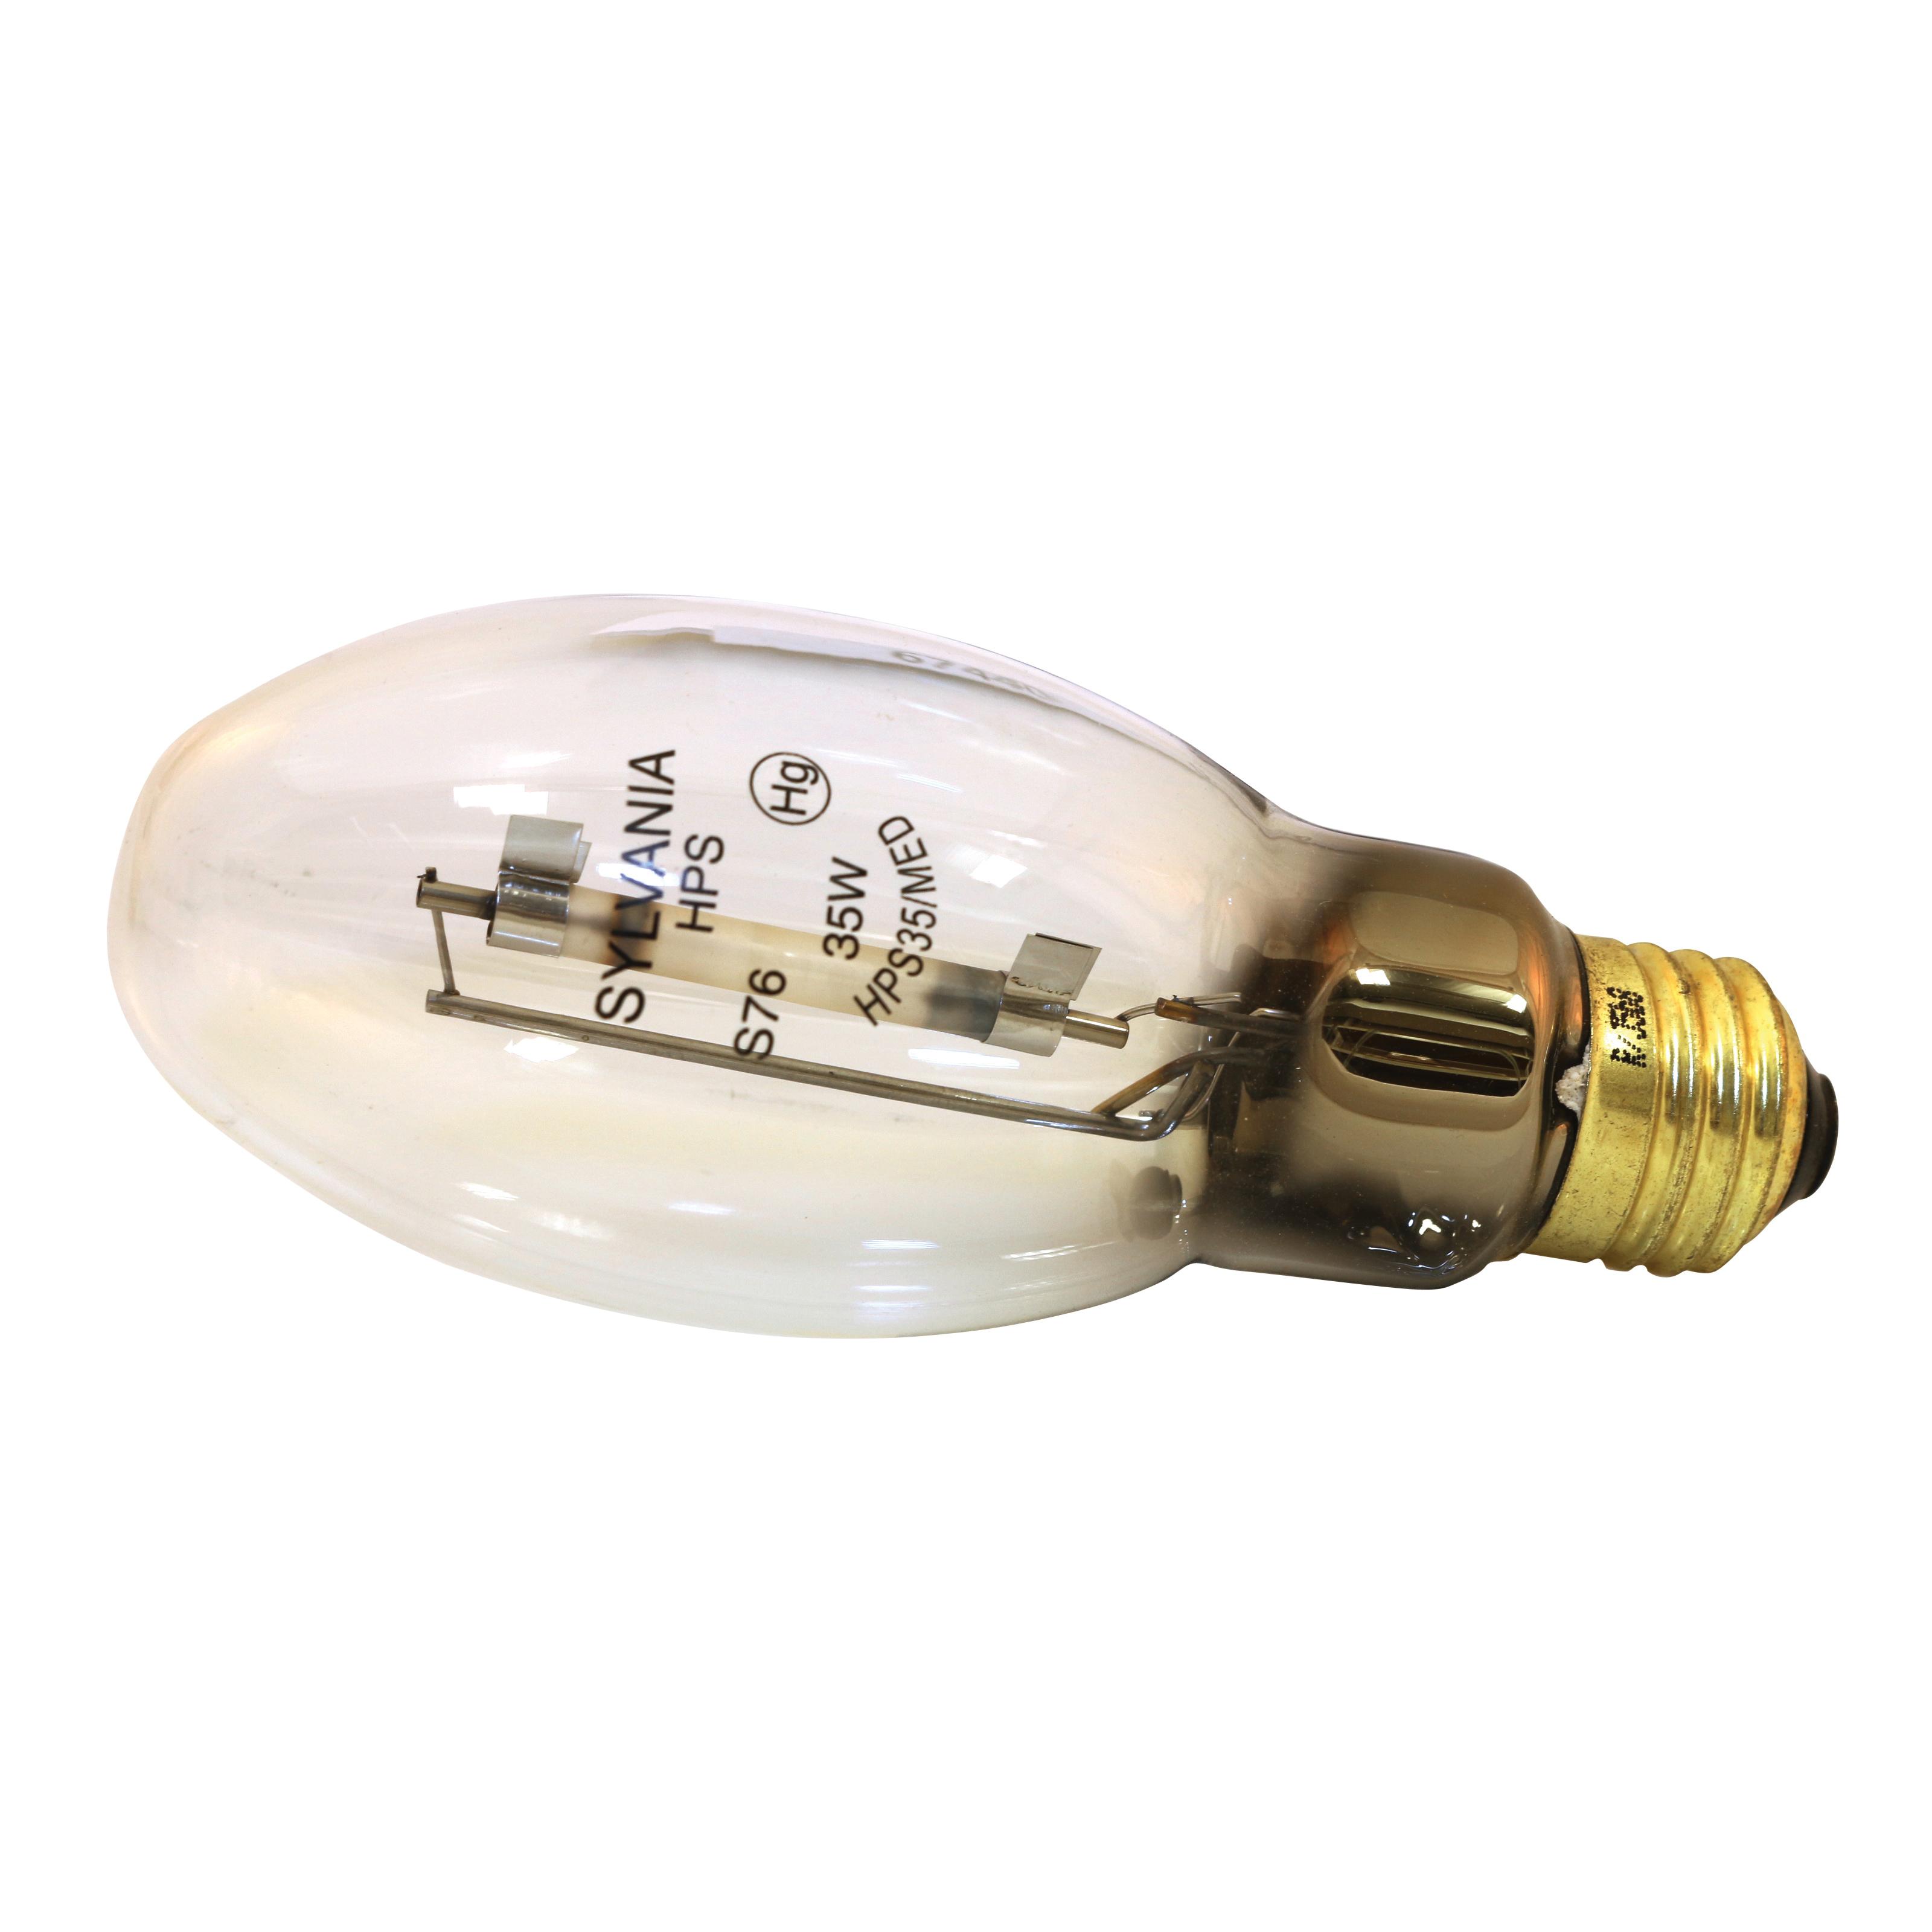 Picture of Sylvania LUMALUX 67440 Sodium Lamp, 70 W, Medium E26 Lamp Base, 2250 Lumens, 1900 K Color Temp